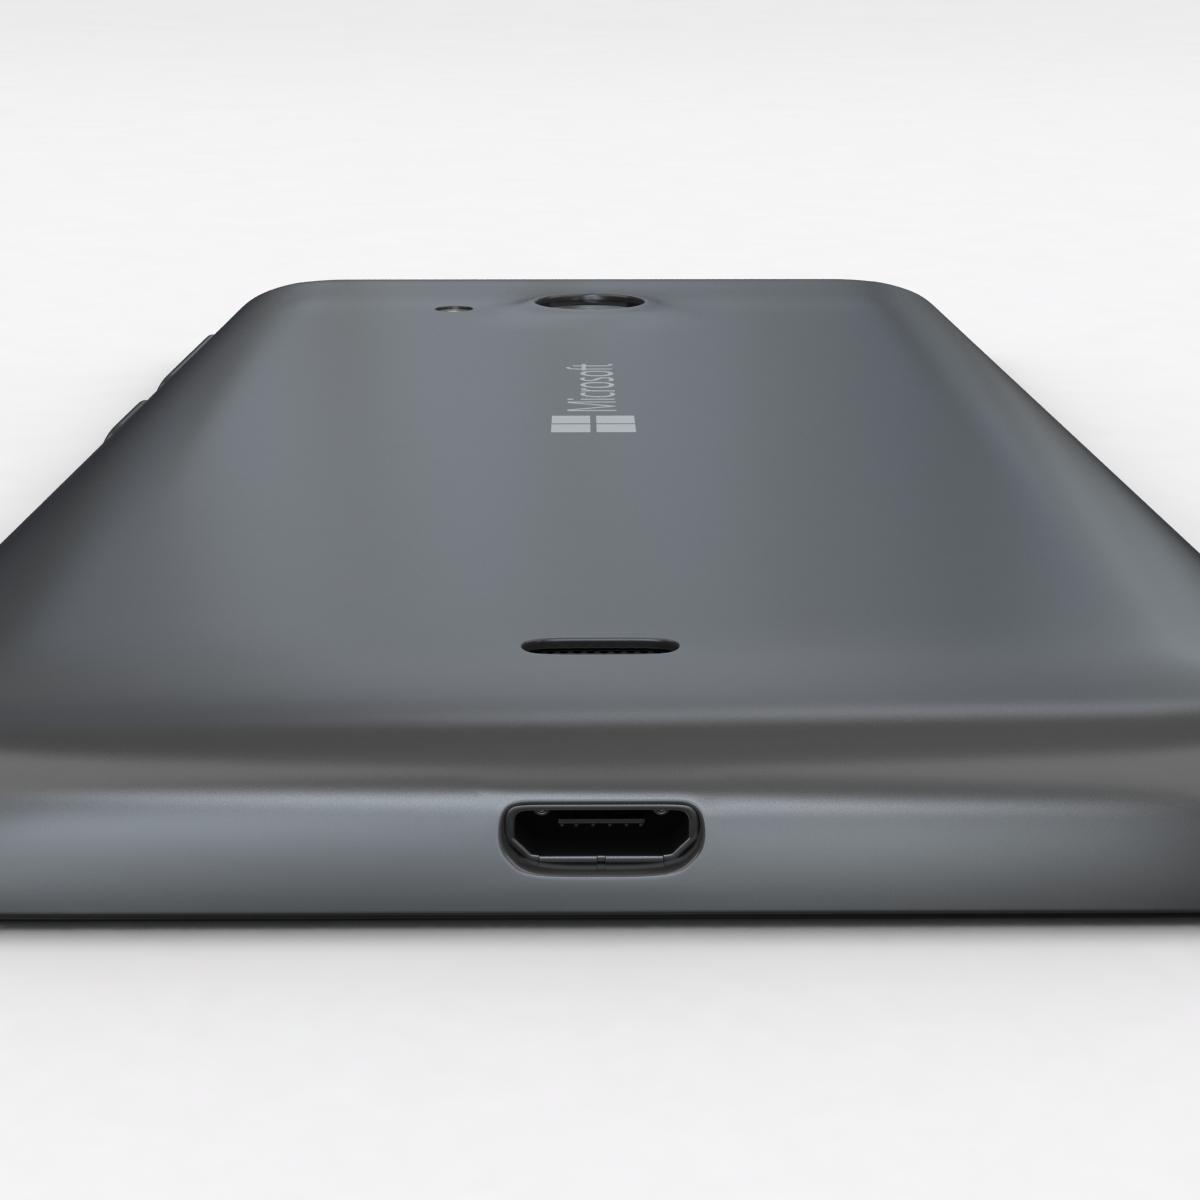 microsoft lumia 535 and dual sim gray 3d model 3ds max fbx c4d obj 204470